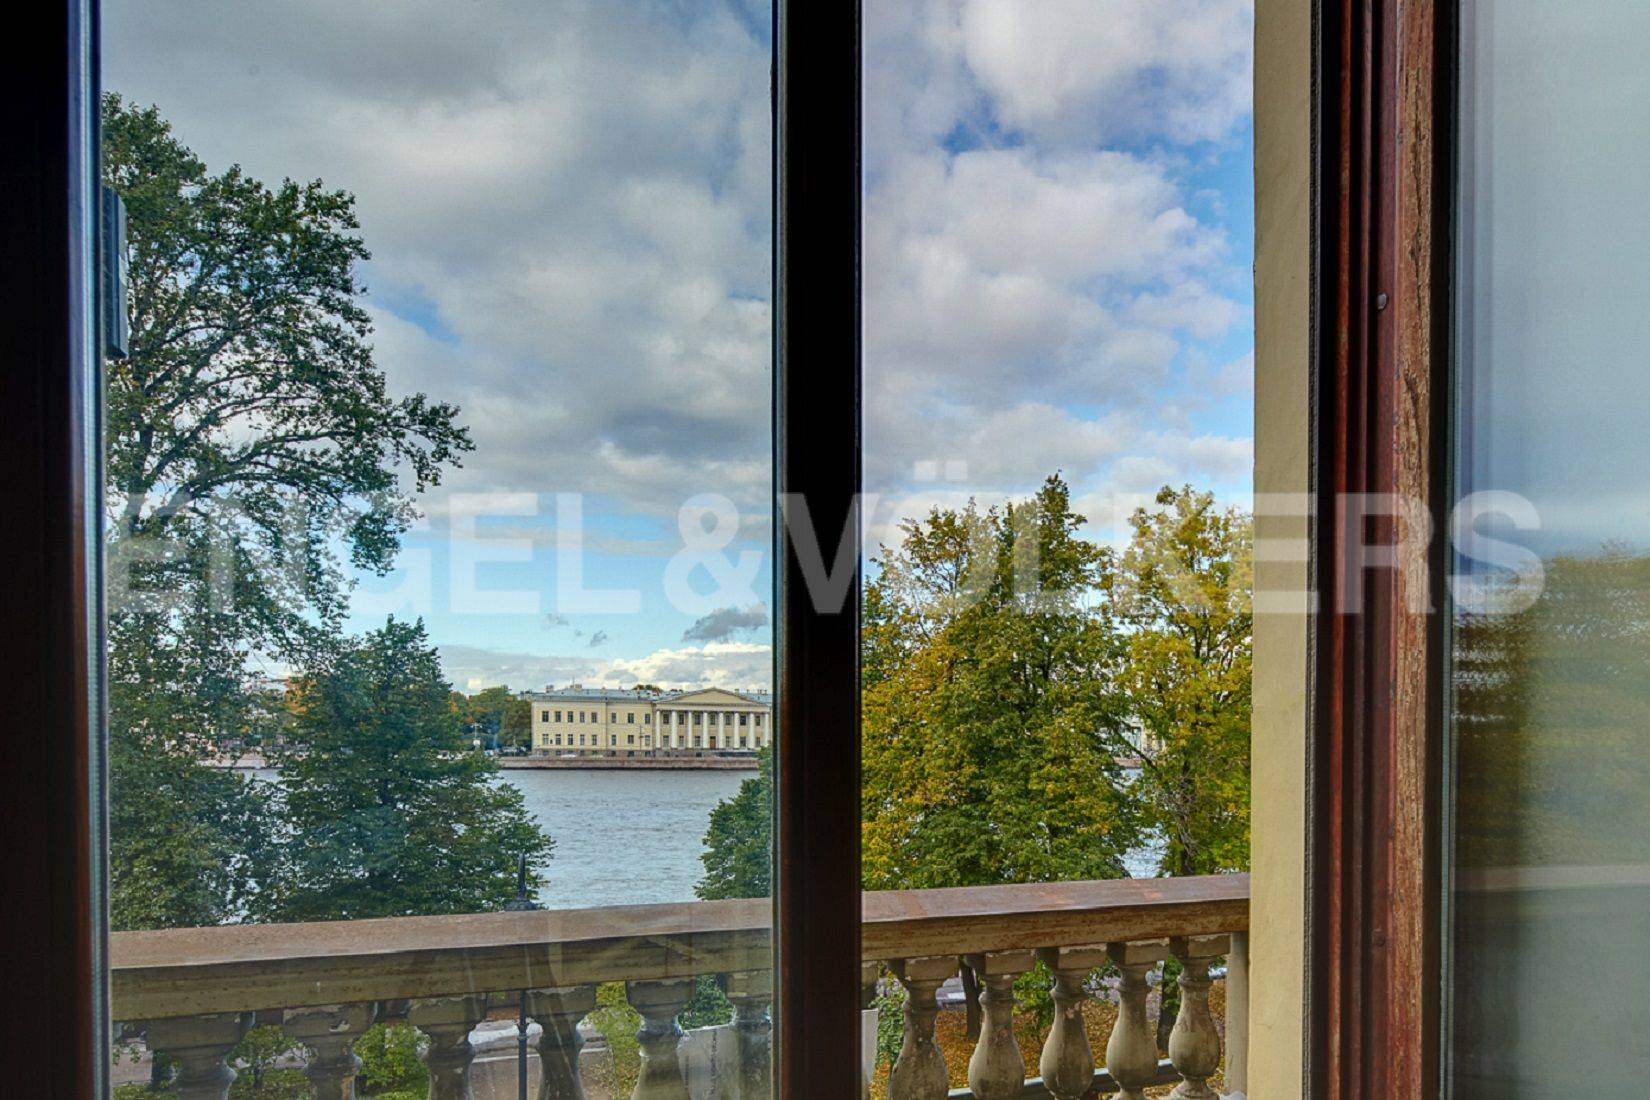 Элитные квартиры в Центральном районе. Санкт-Петербург, Адмиралтейская наб., 12-14. Балкон с видом на Адмиралтейскую набережную